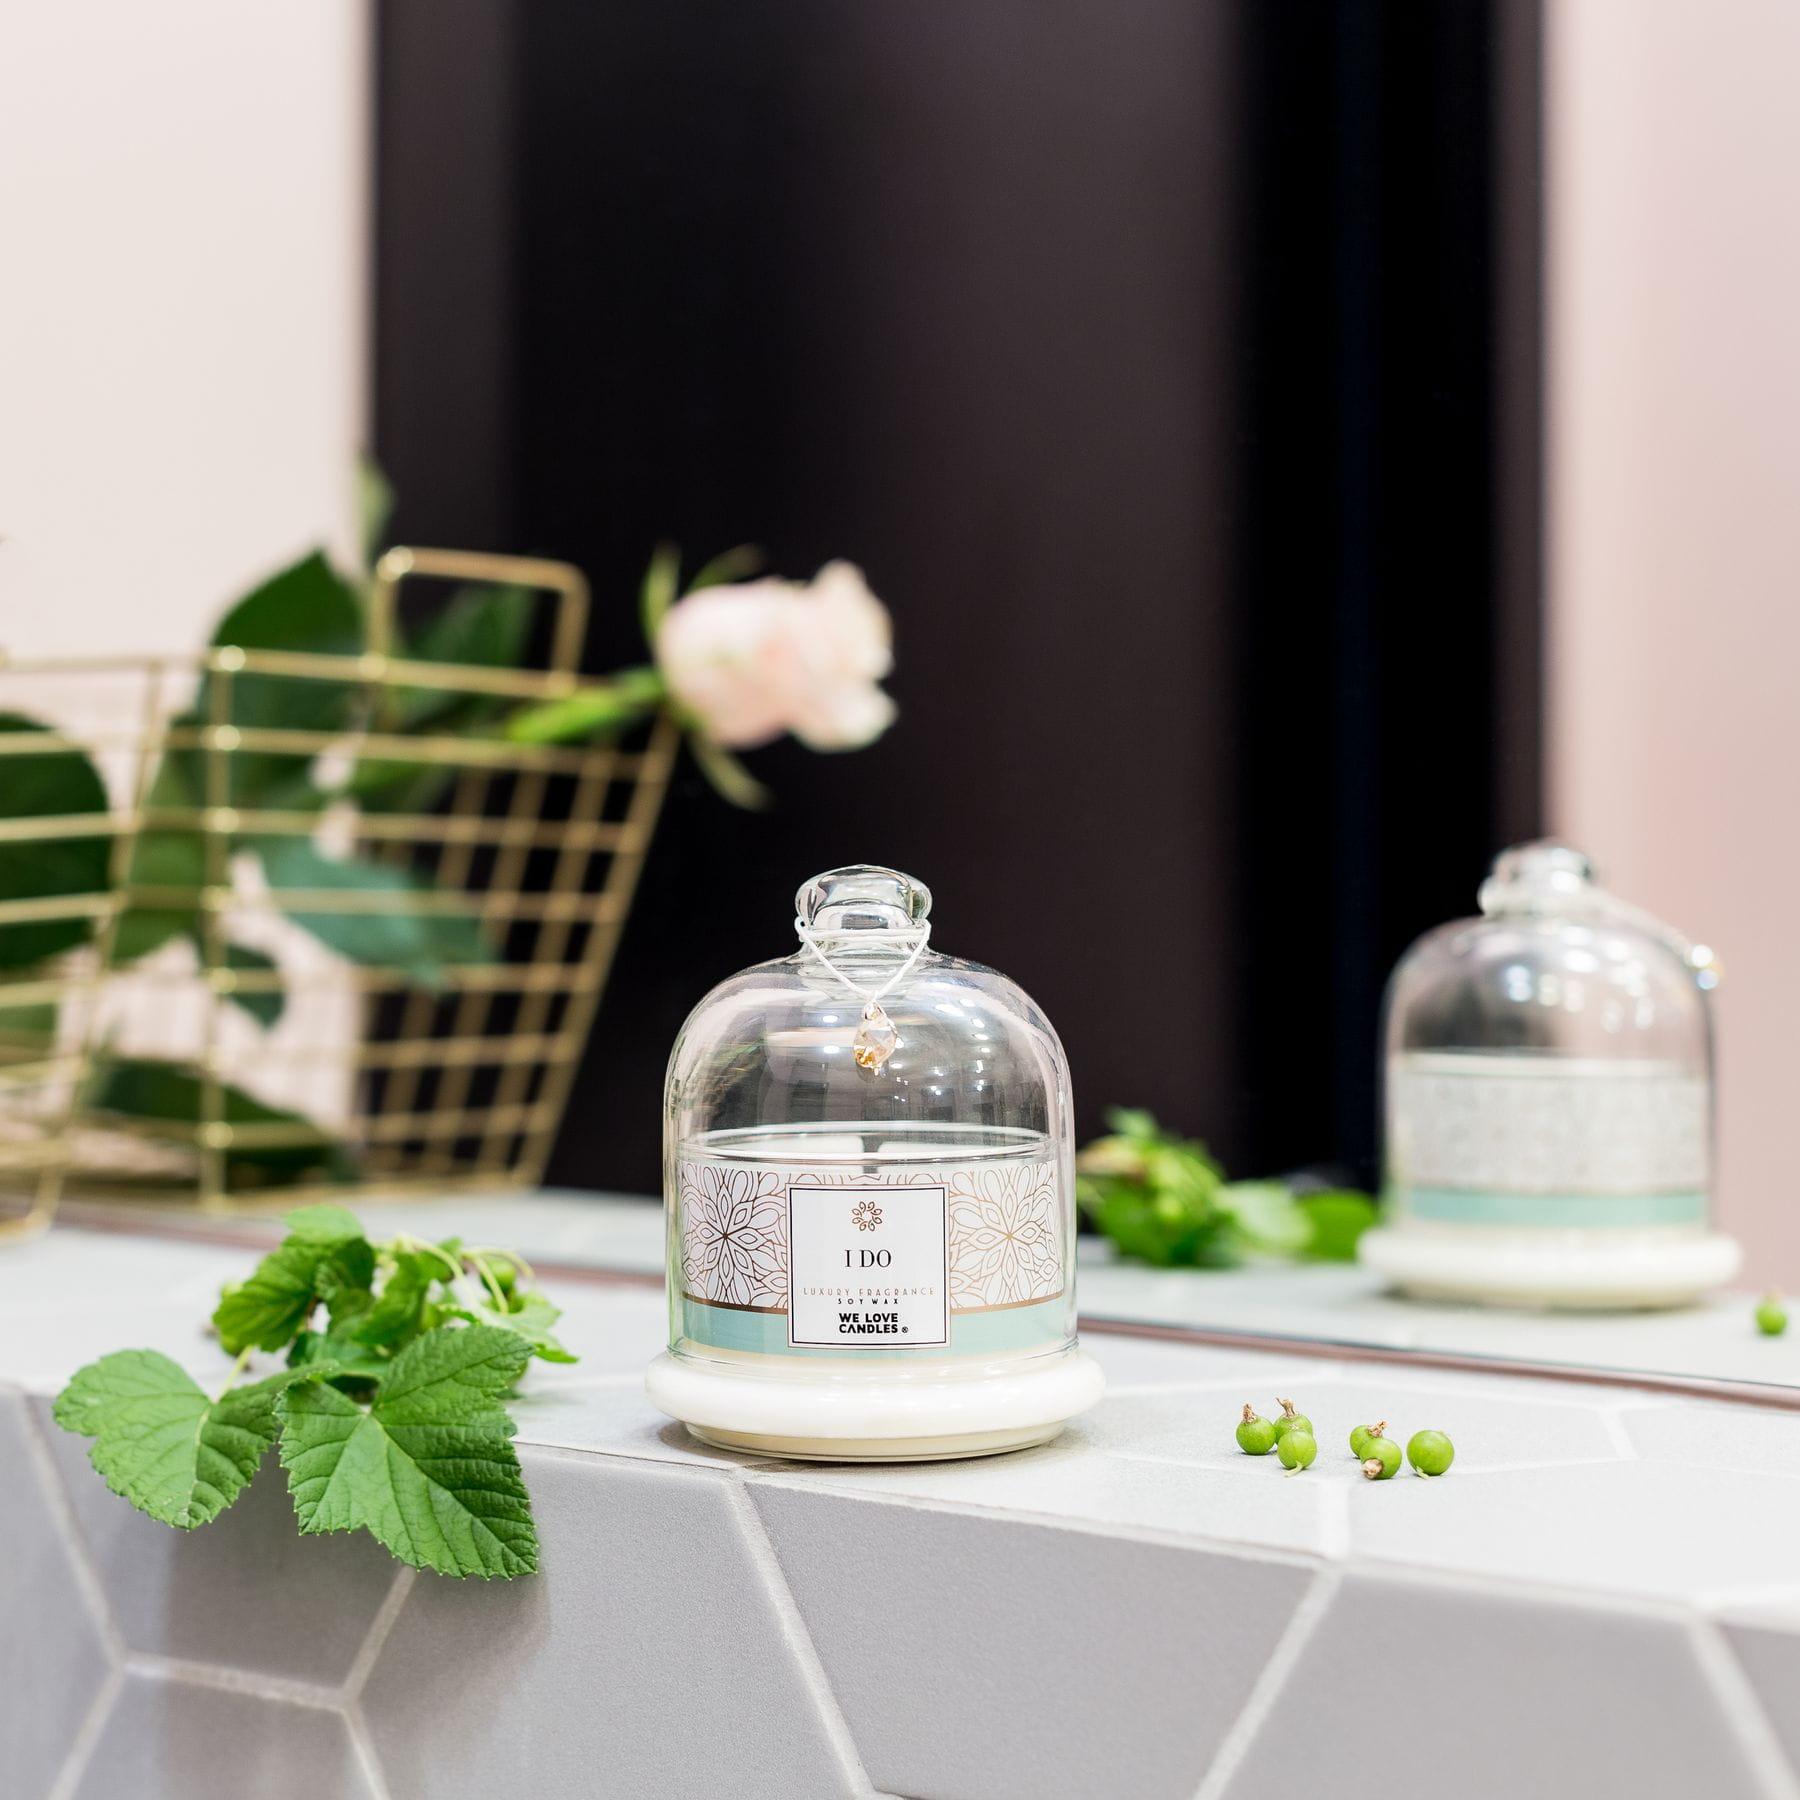 """Kolekcja świec zapachowych GOLD to wyjątkowo piękne świece sojowe, których walory zostały docenione wyróżnieniem w plebiscycie Influencer's Top 2019. Ich niezwykłe zapachy, które są inspirowane ponadczasowymi damskimi perfumami, zamknęliśmy w wyjątkowej urody, elegancki szklany pojemnik – w kształcie kopułki. Każdą świecę zdobi oryginały kryształek Swarovskiego, który później można zawiesić na łańcuszku. Dzięki tym zabiegom świece z kolekcji GOLD zachwycają pięknem formy, a urzekające zapachy sprawiają, że ich palenie można określić mianem """"luksusowej sensualnej przyjemności"""". I do Świeca I do to świeża, pełna wdzięku i lekkości kompozycja zapachowa oparta na trzech nutach zapachowych: czarnej porzeczki w głowie woni, frezji i róży w sercu oraz wanilii, ambroxanu, paczuli i drzewie sandałowym jako bazie. Poczuj przyjemną lekkość bytu, moc możliwości i potencjału, który drzemie w Tobie lub w sytuacji, z powodu której chcesz sięgnąć po tę niezwykle elegancką świecę. Kup w prezencie Po tę"""